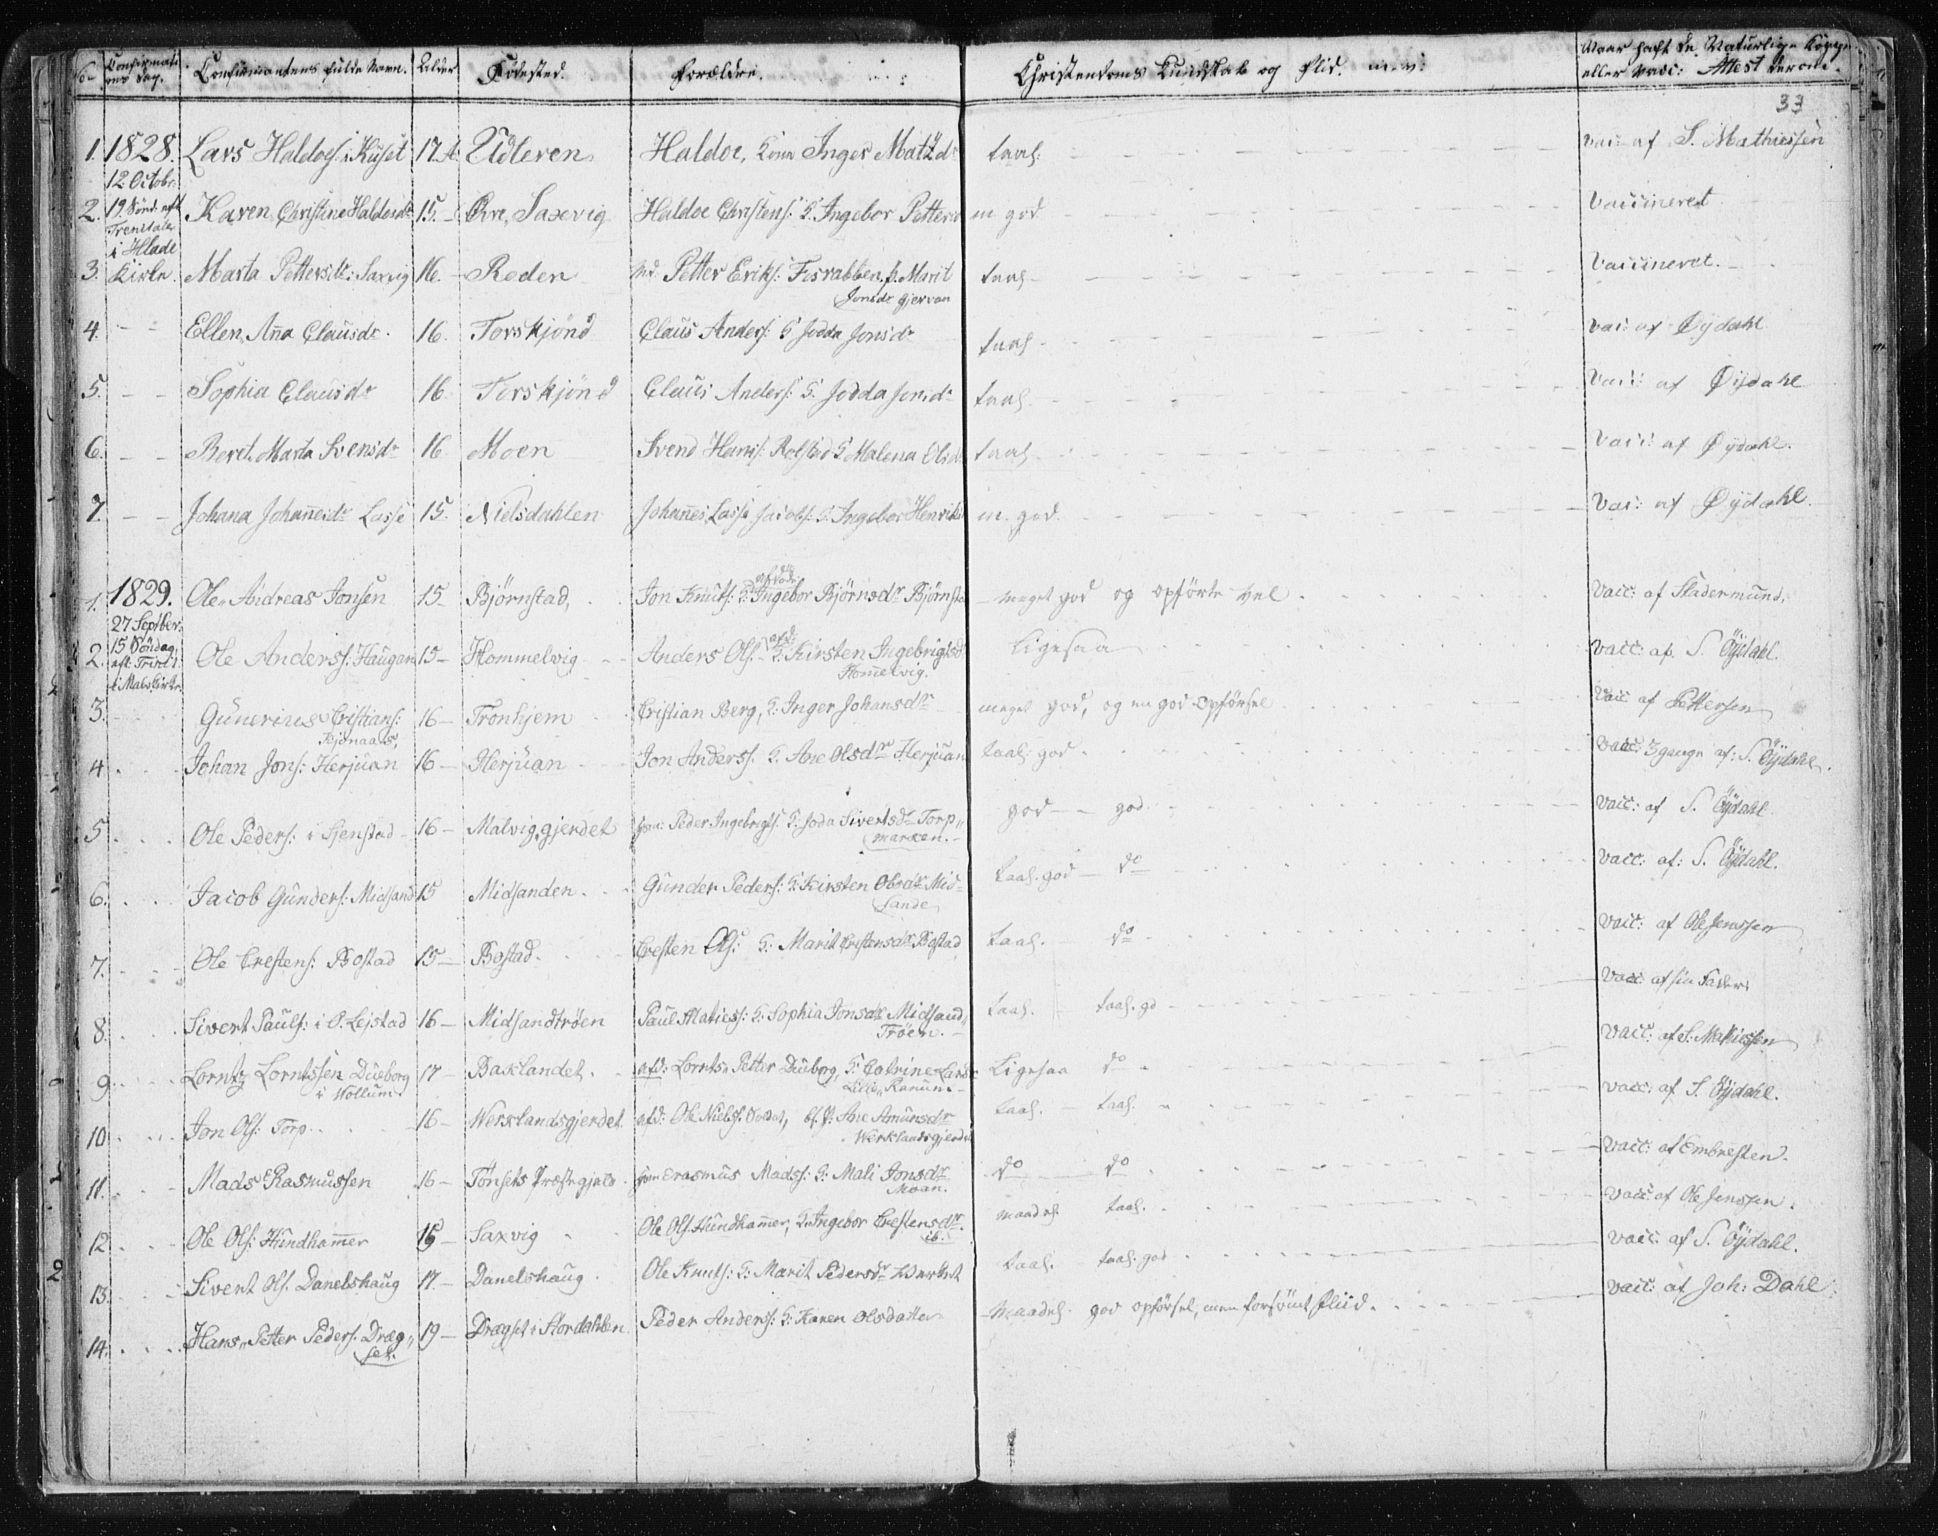 SAT, Ministerialprotokoller, klokkerbøker og fødselsregistre - Sør-Trøndelag, 616/L0404: Ministerialbok nr. 616A01, 1823-1831, s. 33